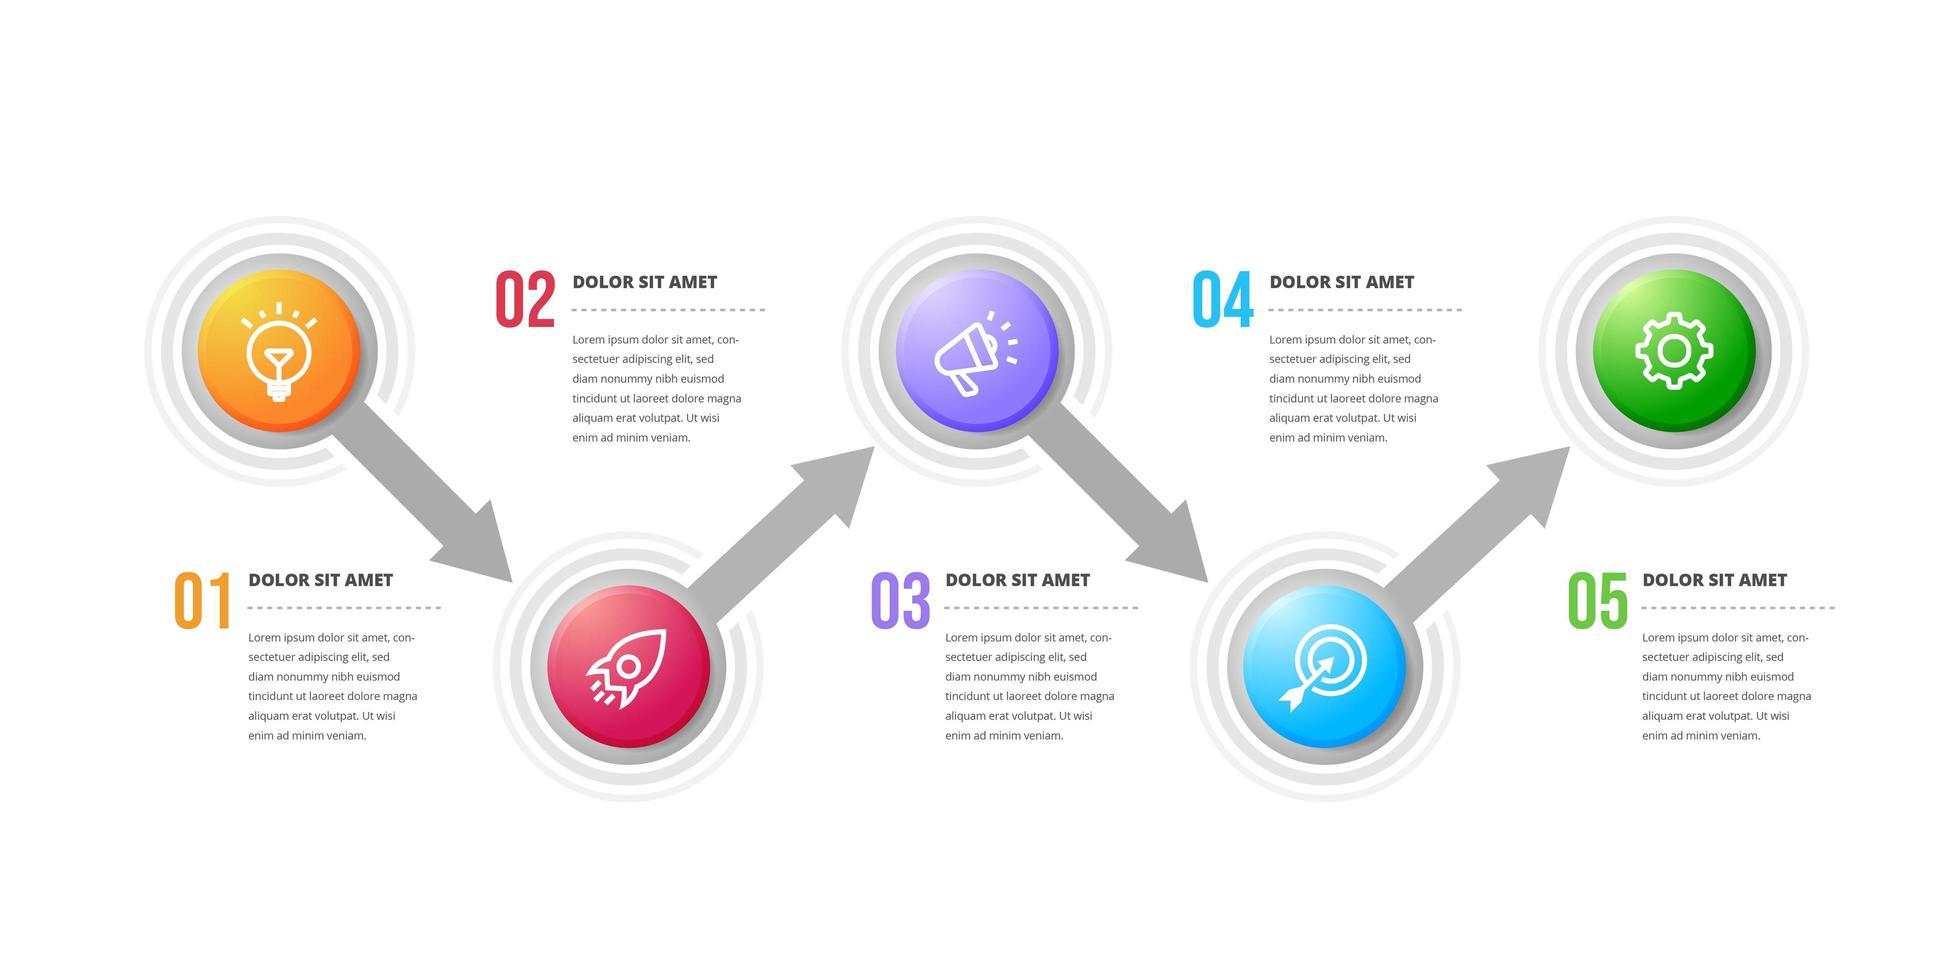 kreative kreisförmige Infografik Design-Elemente vektor